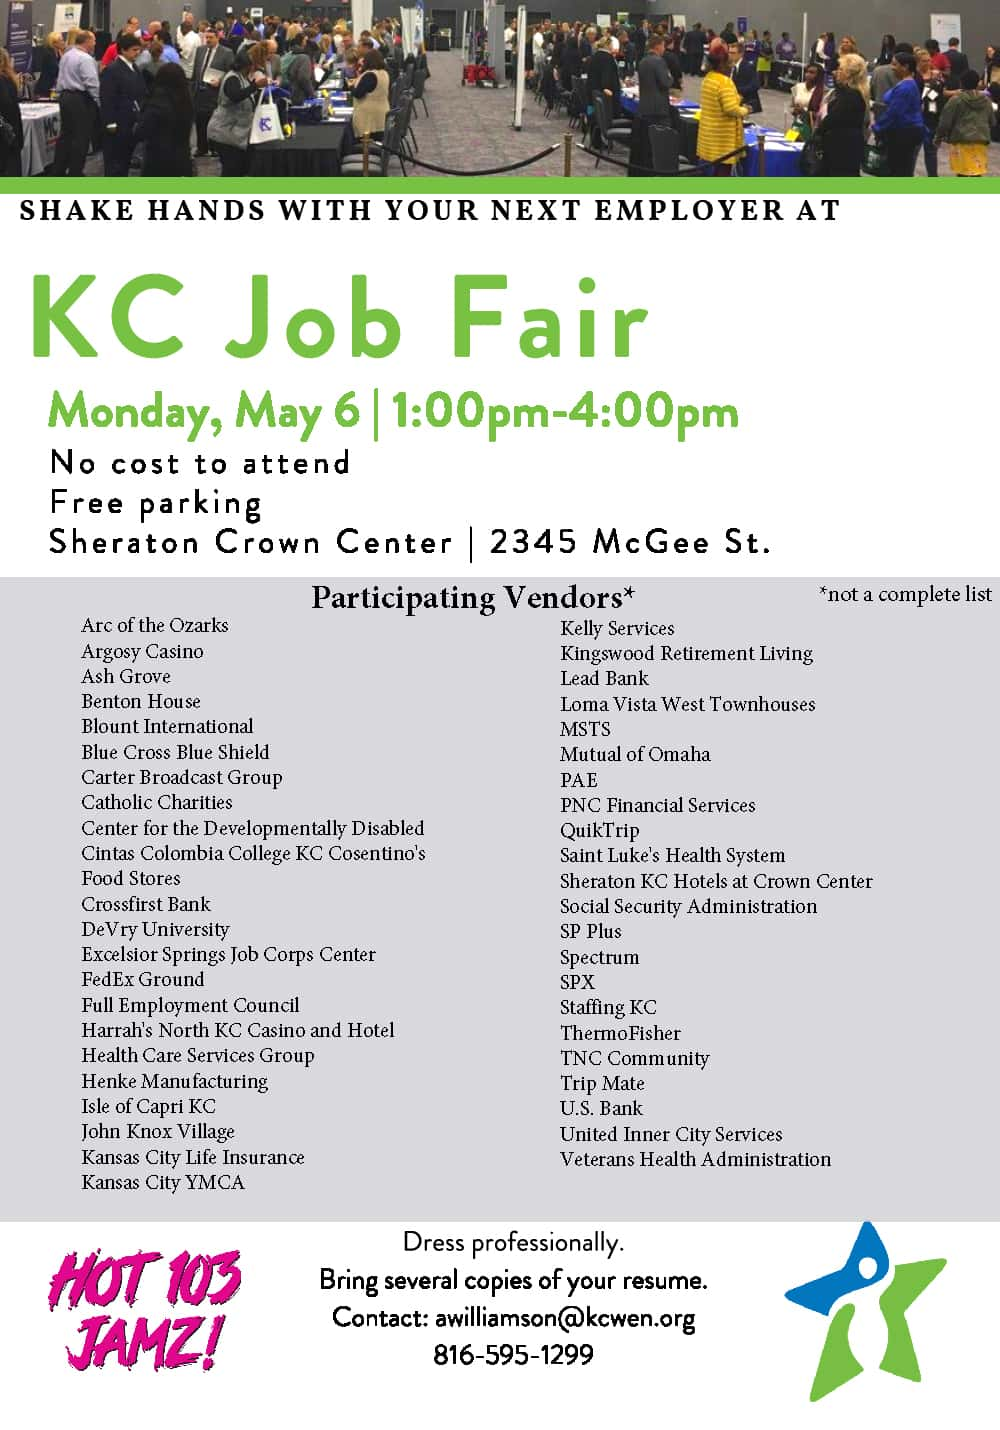 2019 KC Job Fairs   Hot 103 Jamz!